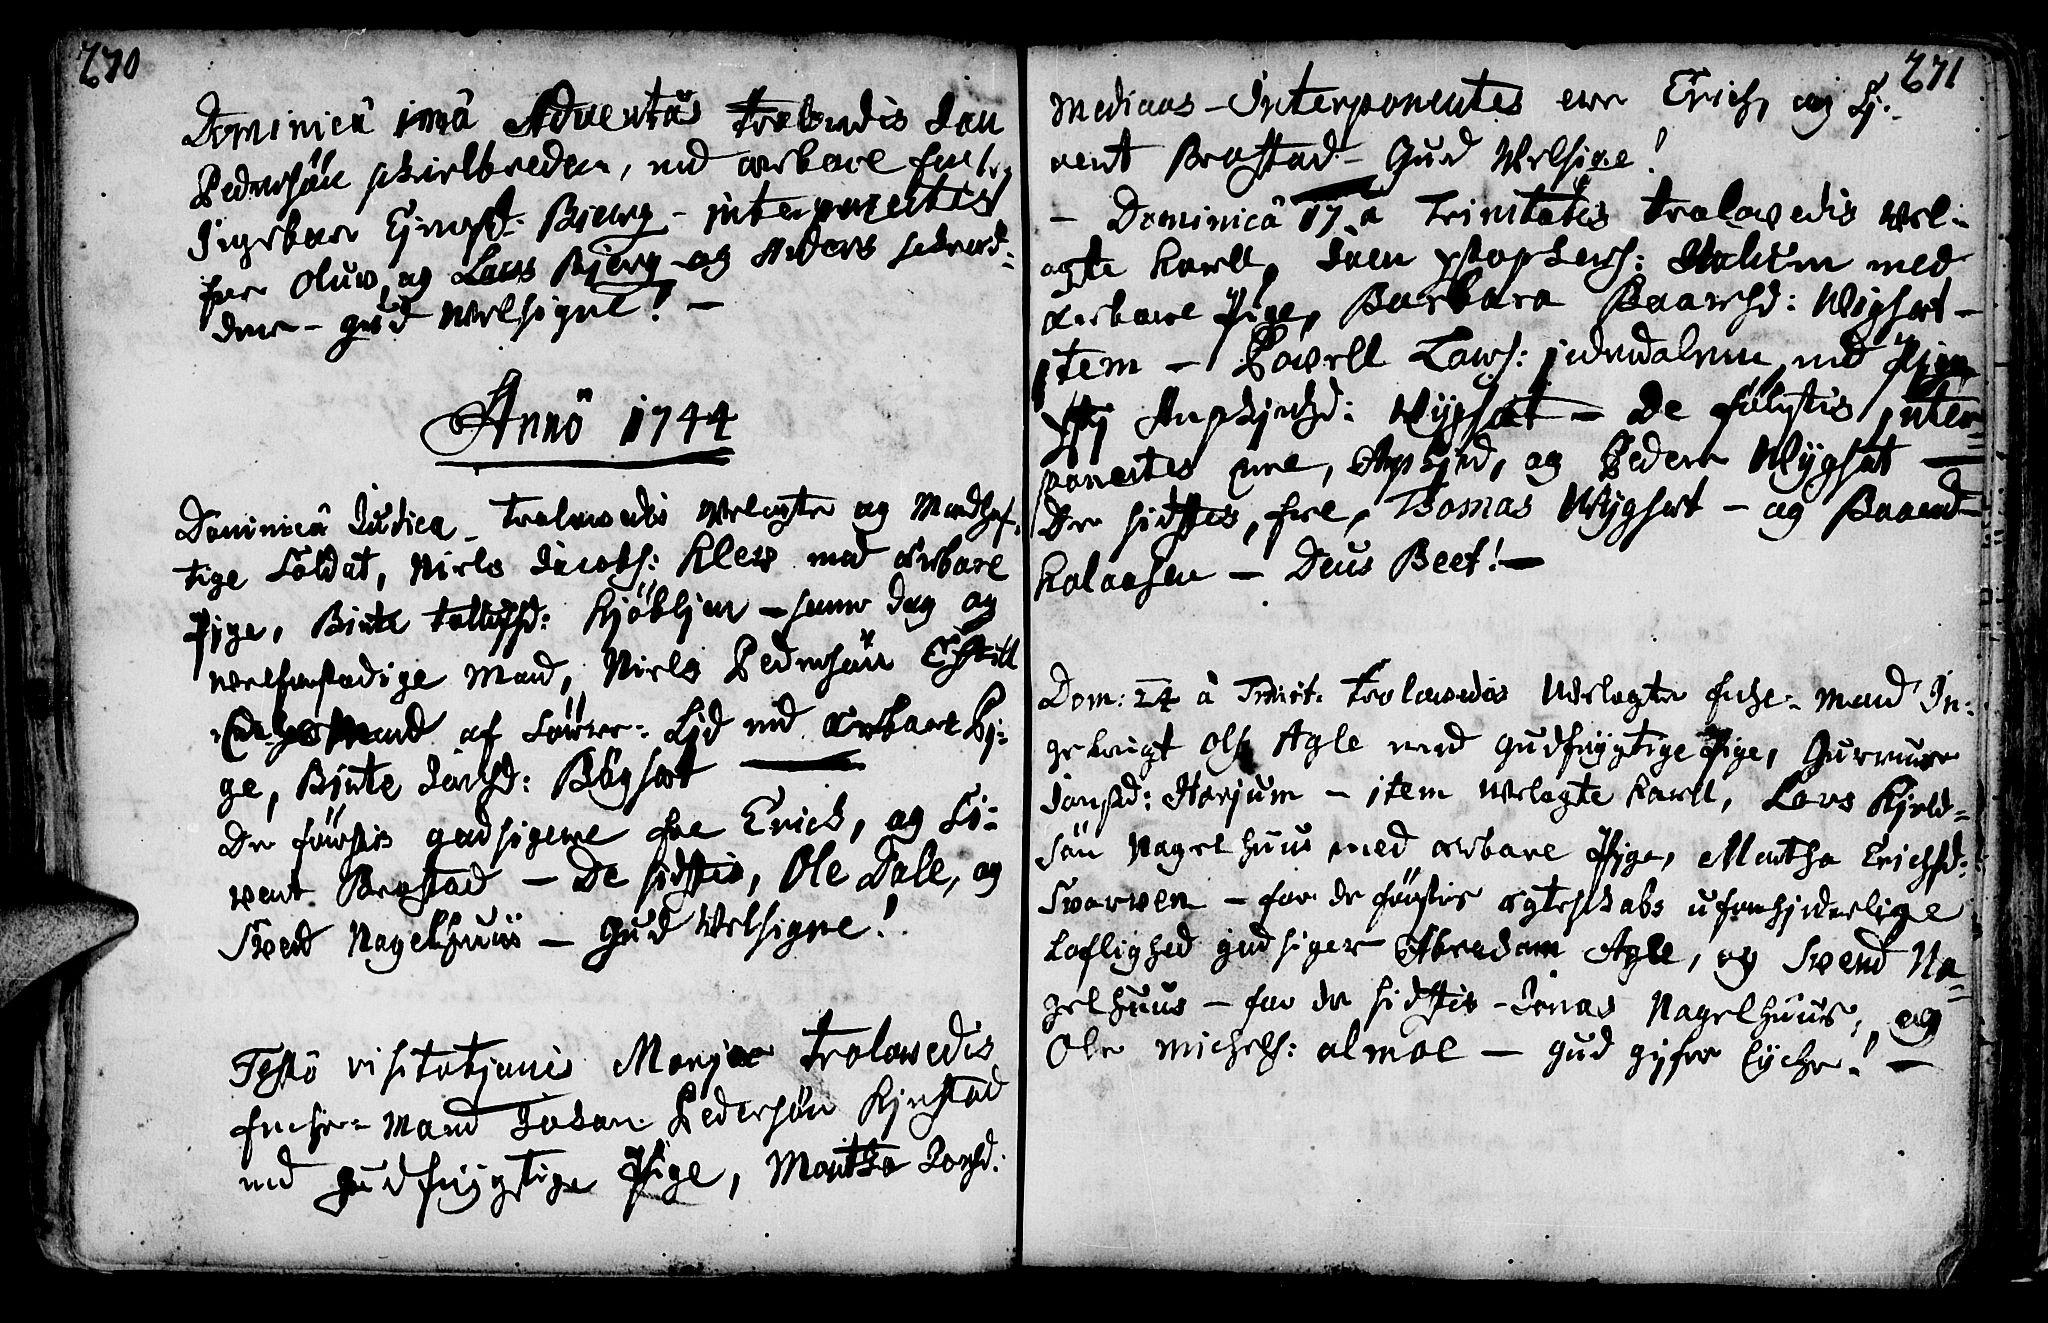 SAT, Ministerialprotokoller, klokkerbøker og fødselsregistre - Nord-Trøndelag, 749/L0467: Ministerialbok nr. 749A01, 1733-1787, s. 270-271